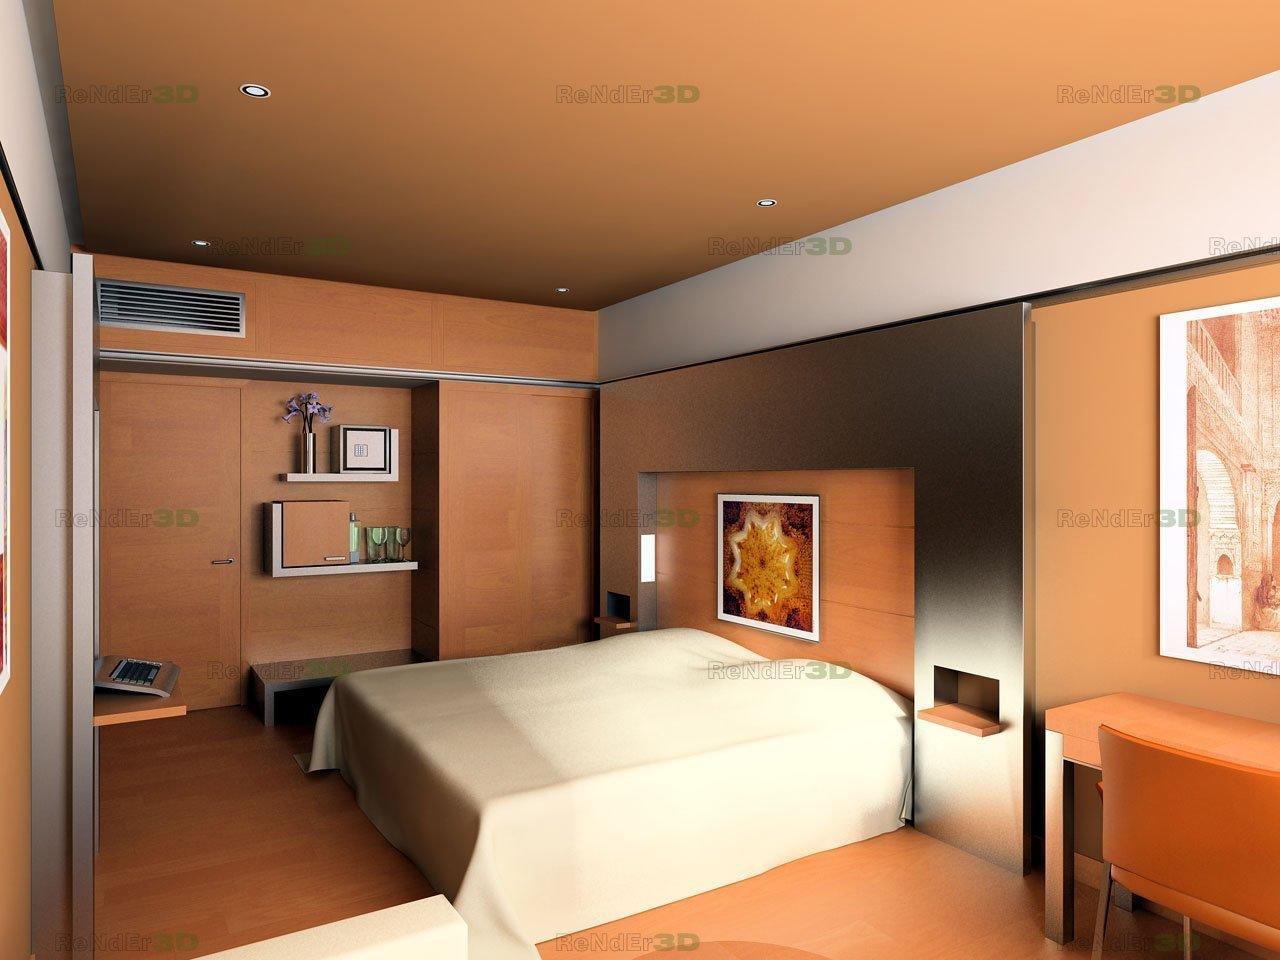 贴图片   背景墙   韩国家居装饰贴即时贴客厅卧室餐厅沙